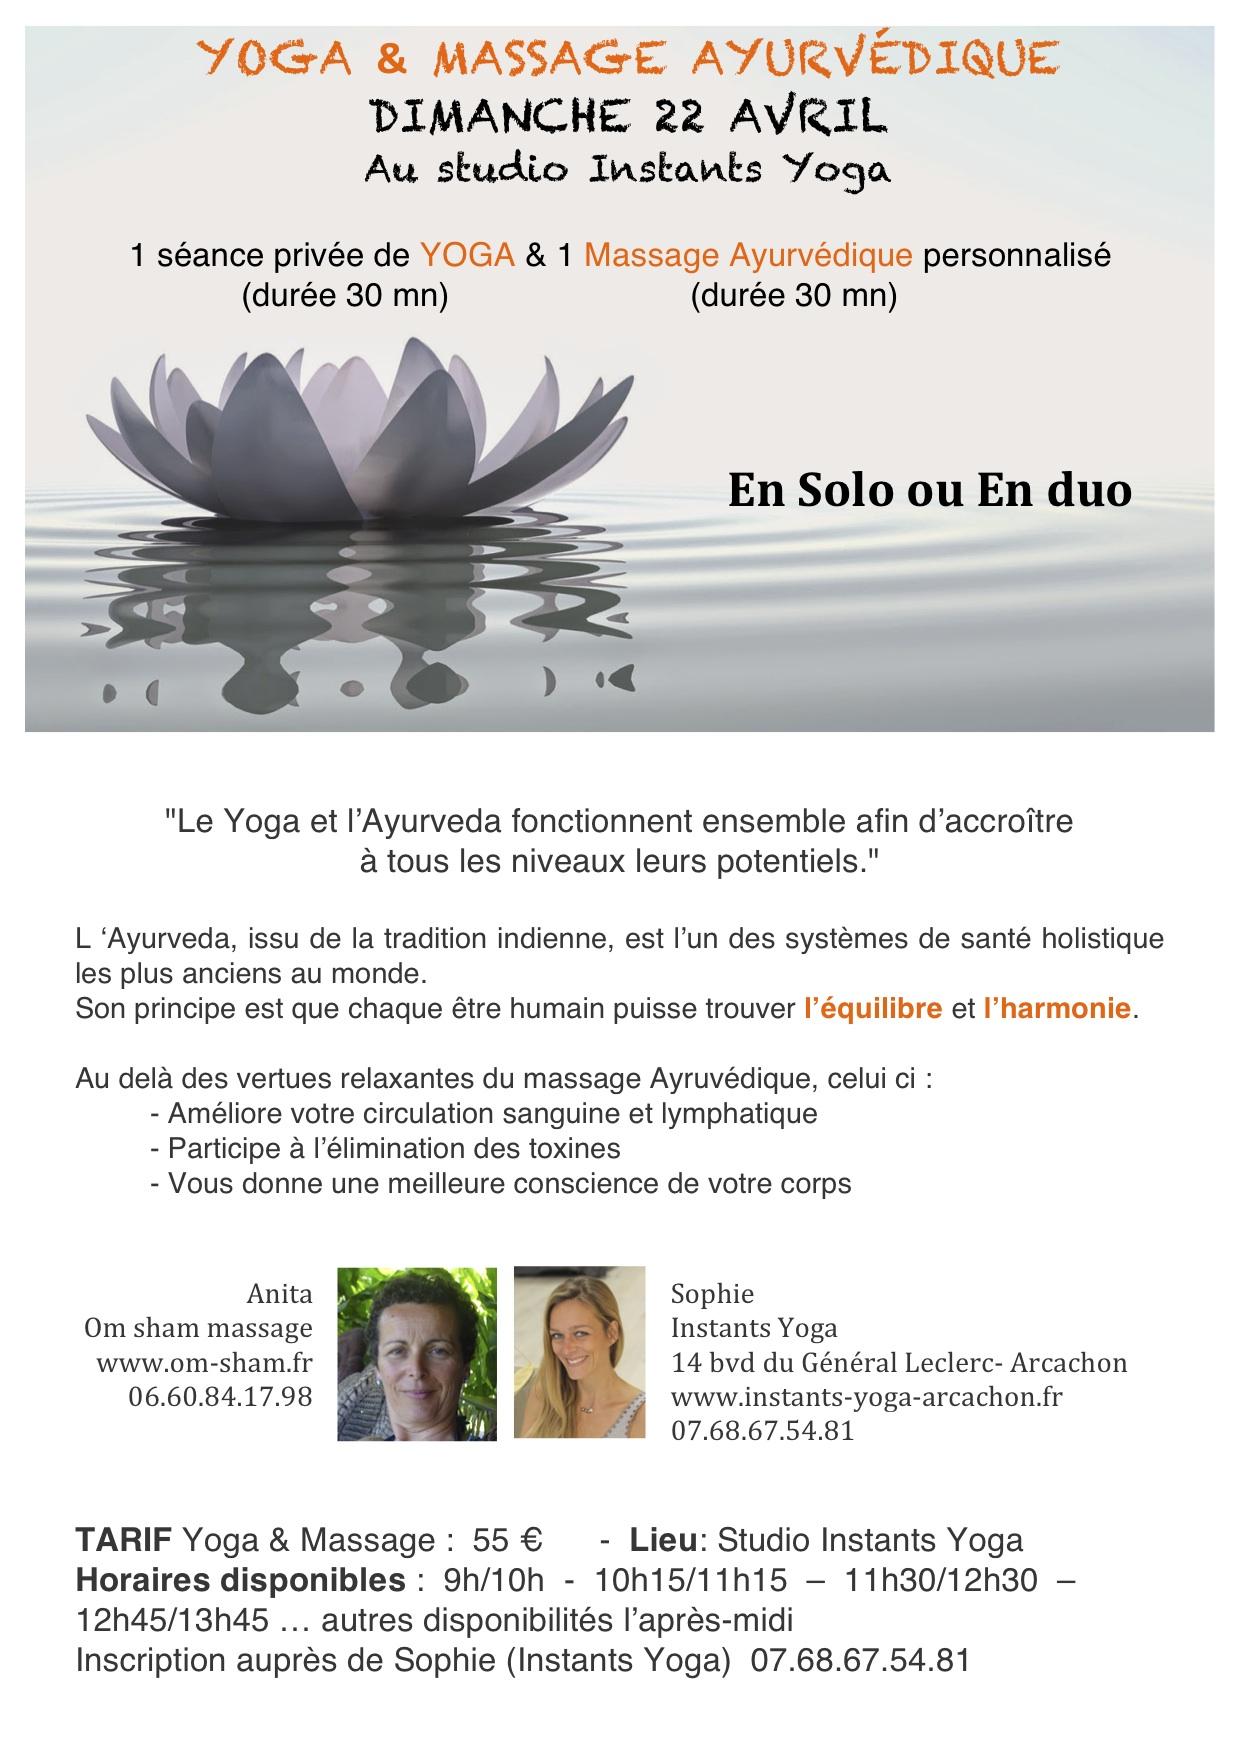 Dimanche 22 Avril , Yoga & Massage Ayurvédique